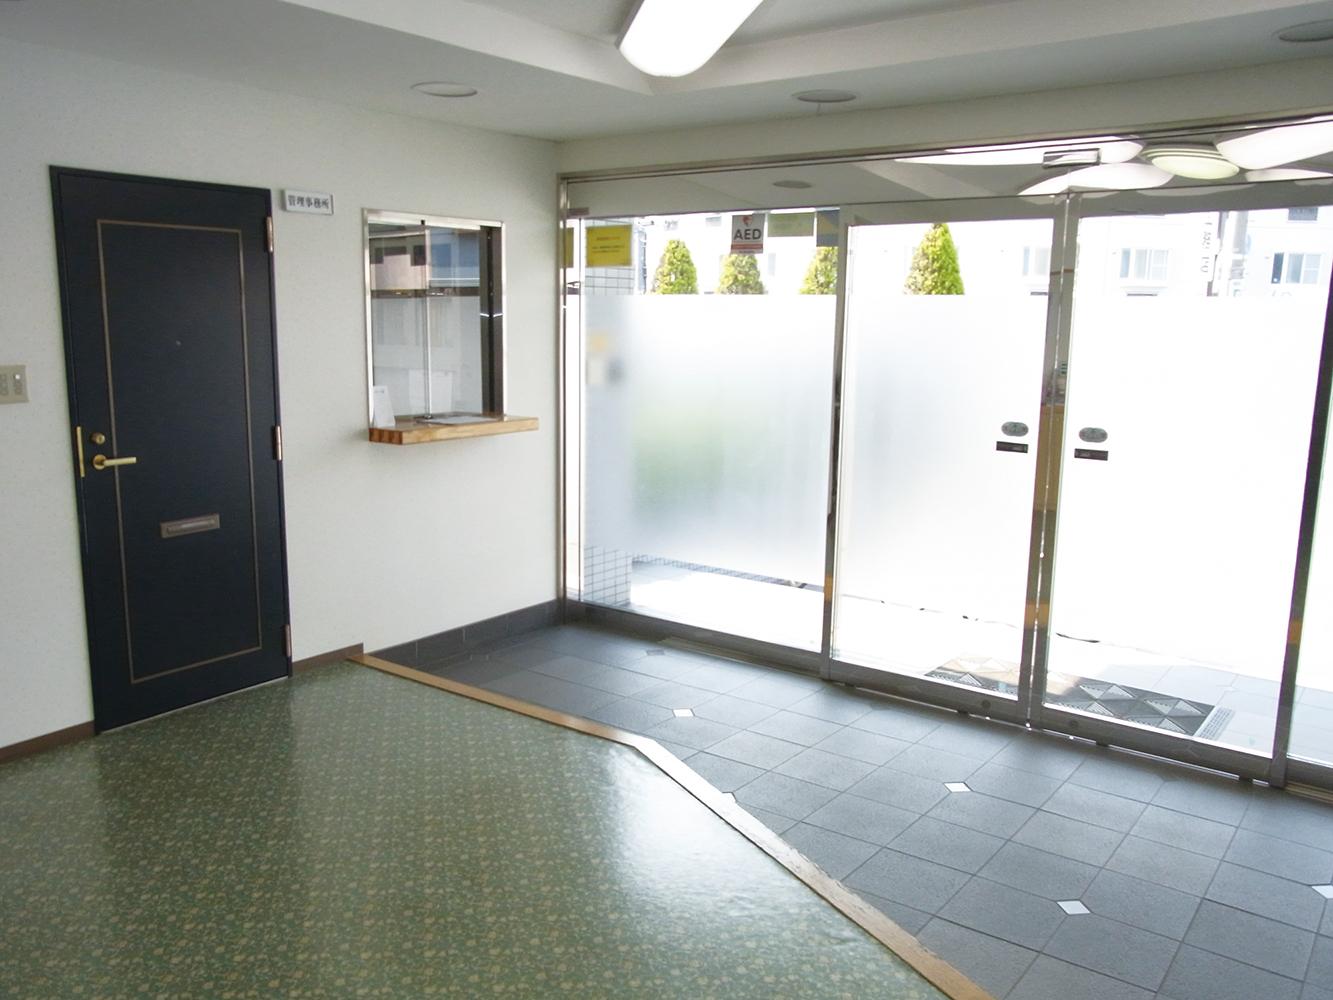 セキュリティ<br> 会館責任者が24時間常駐しています。 玄関はテンキーシステムを採用し、不審者をシャットアウトします。 定期的に警備員が夜間巡回を実施しておりますので、安心して生活していただけます。